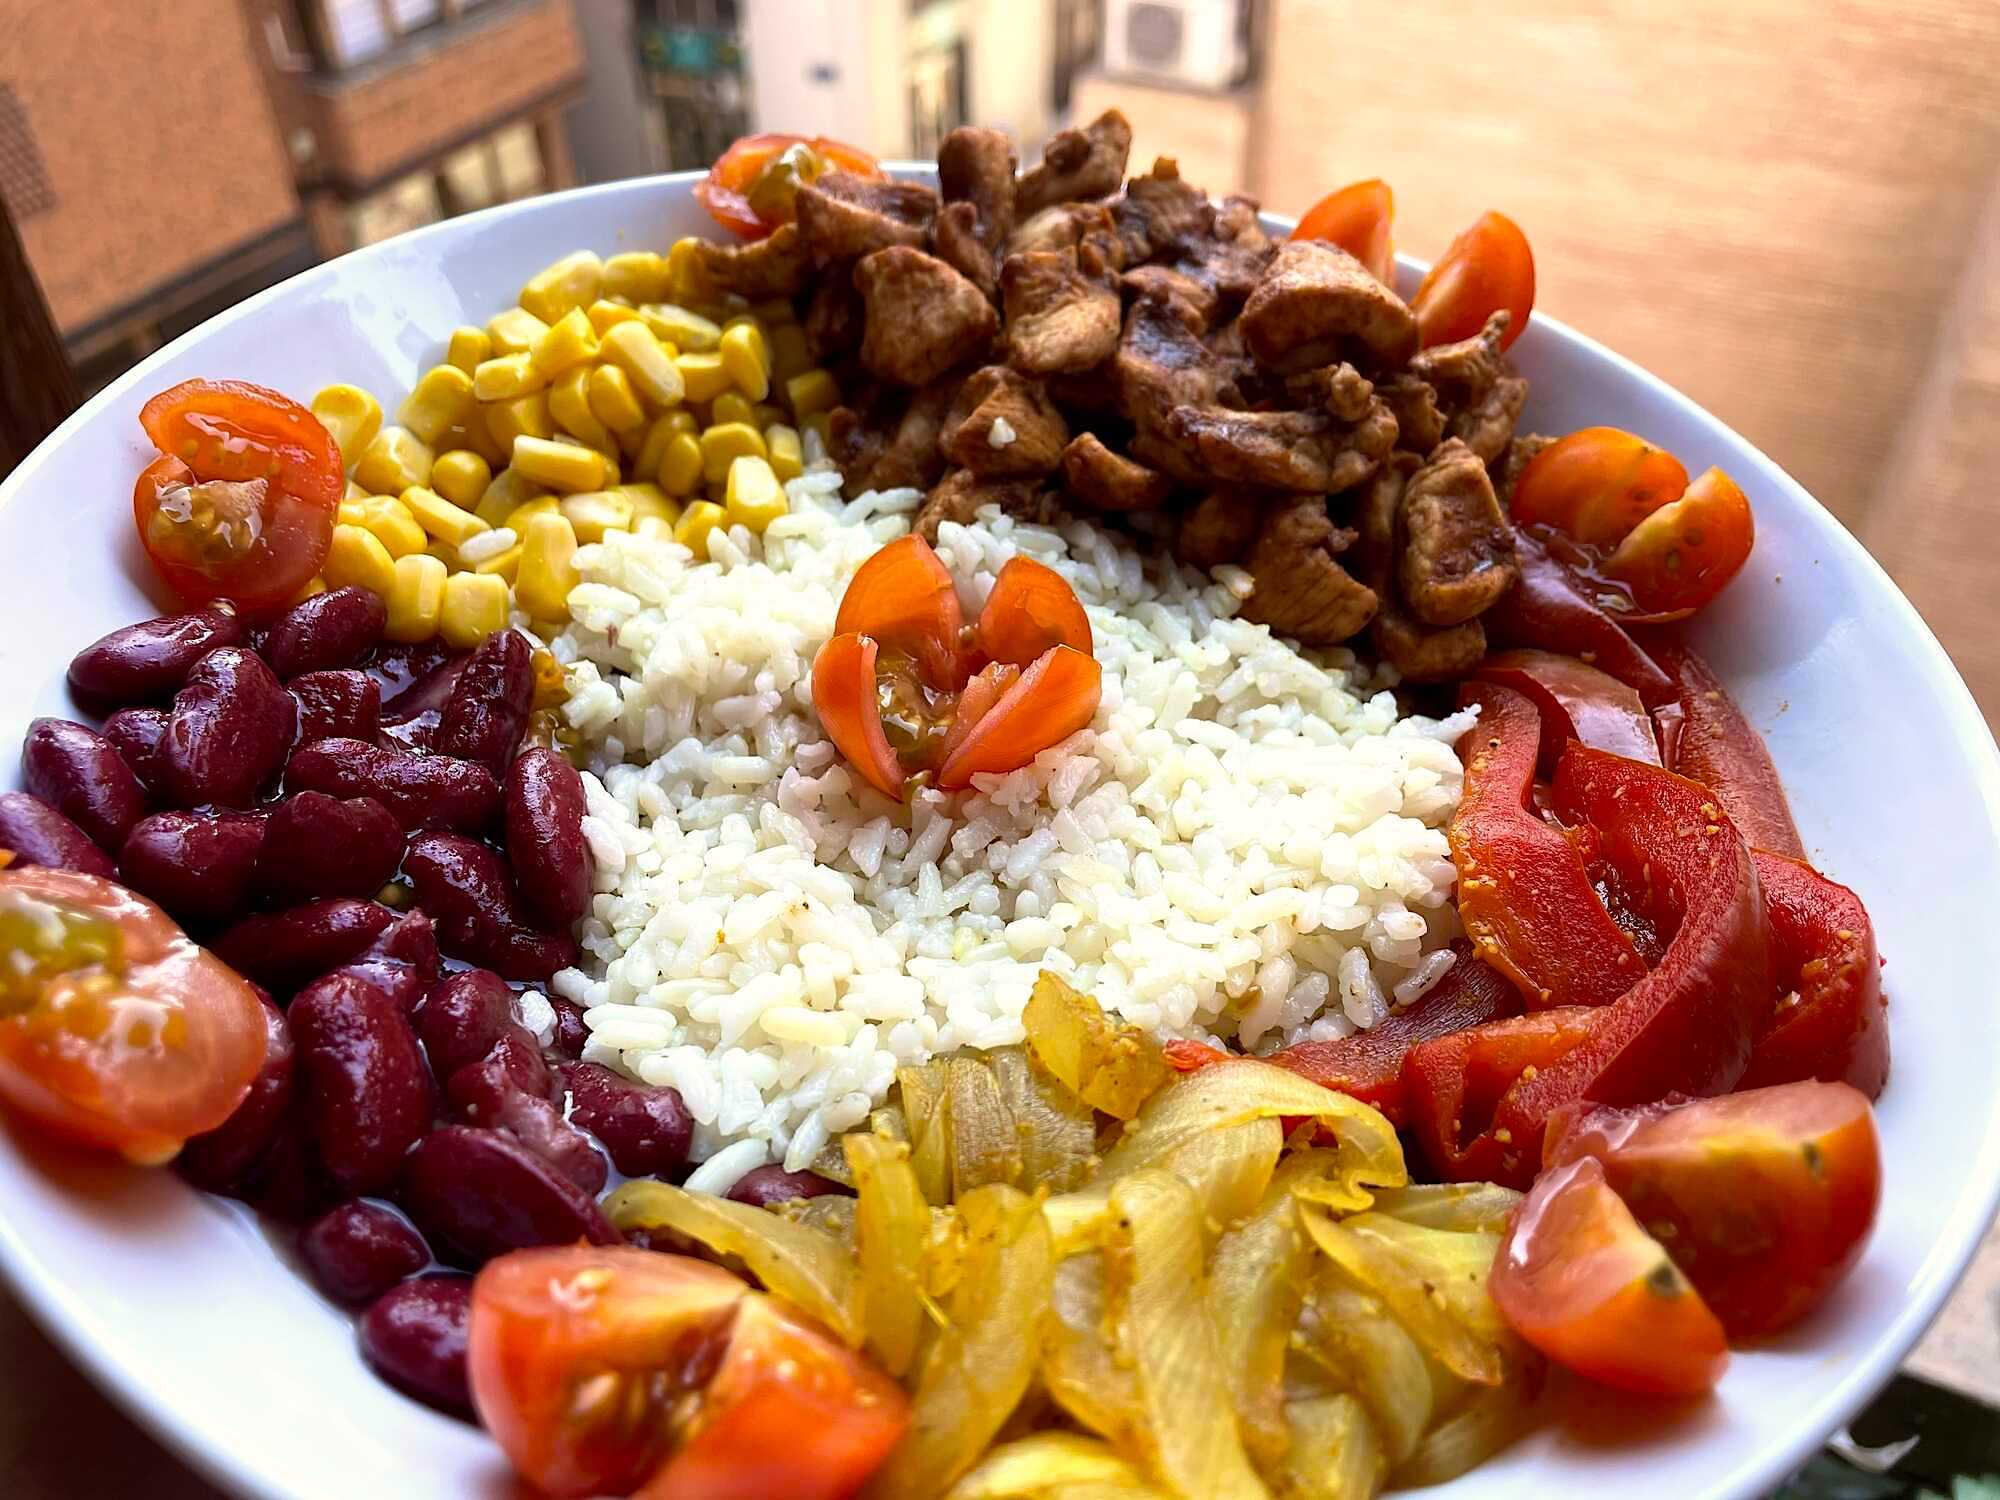 Au milieu du plat se trouve le riz et tout autour on retrouve le poulet ainsi que les différents légumes. Tout simplement magnifique !